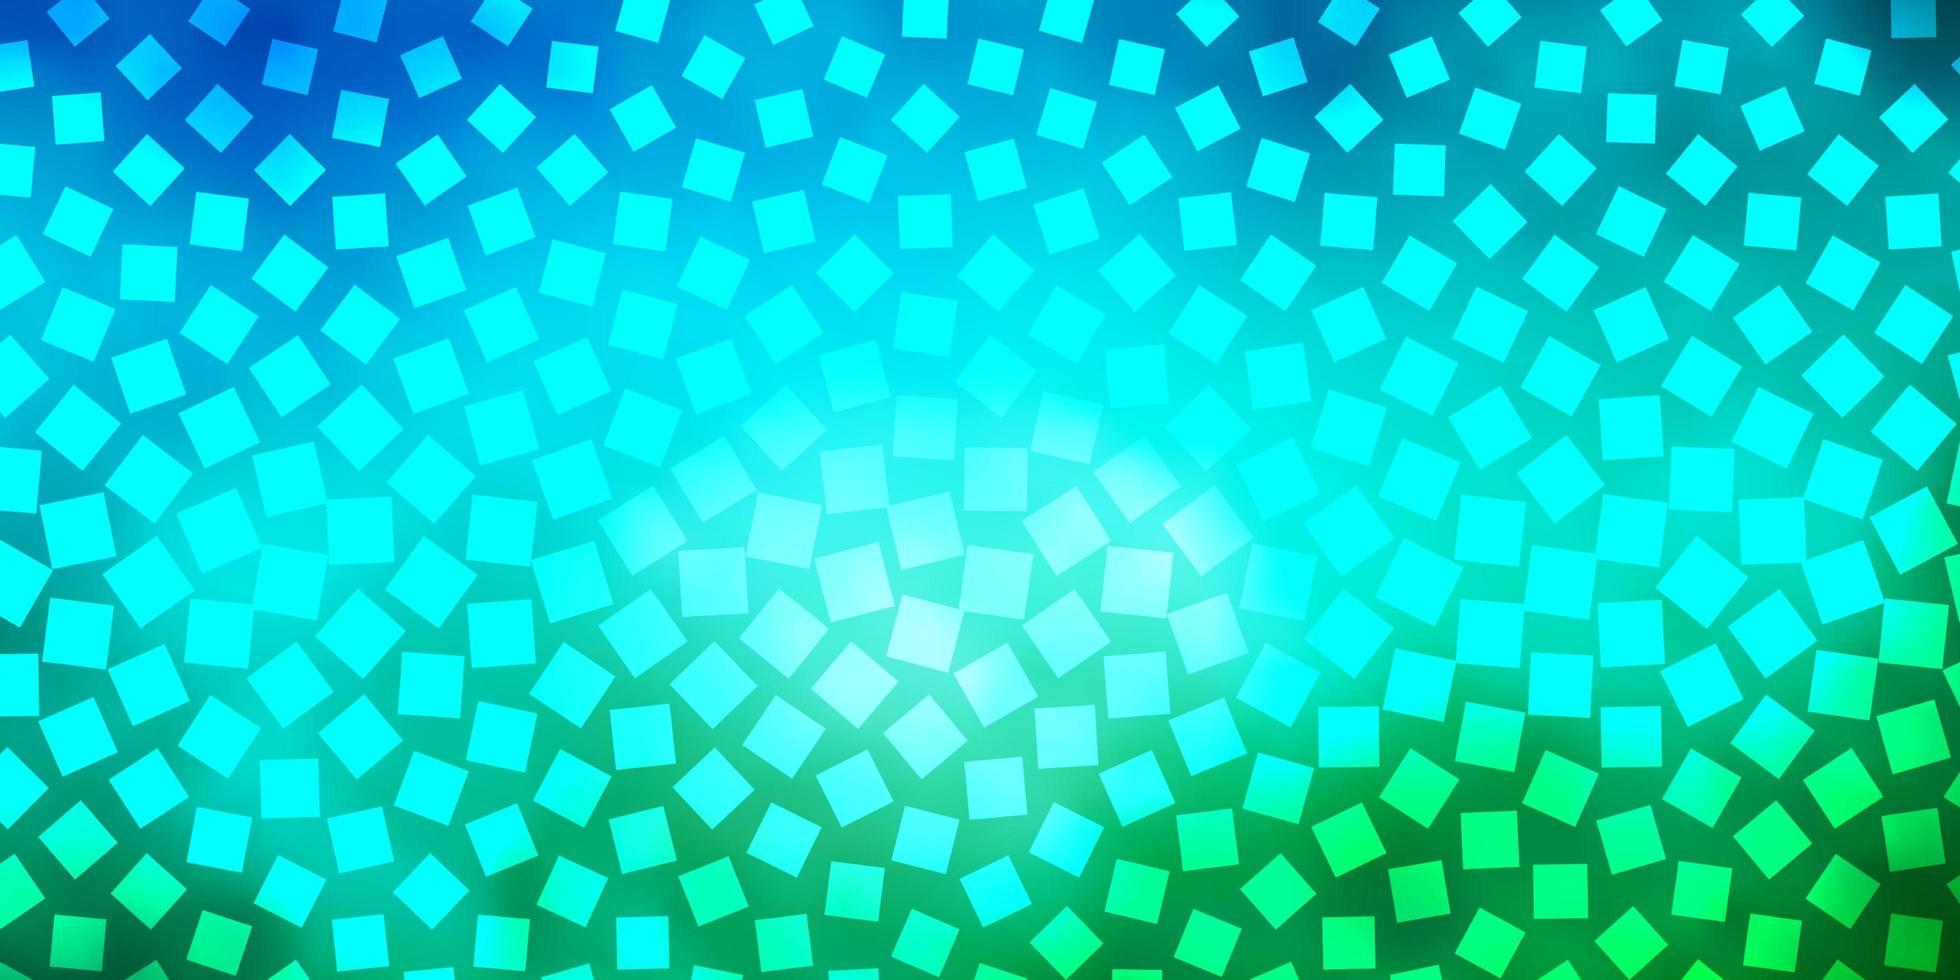 lichtblauwe, groene vectorachtergrond in veelhoekige stijl. vector